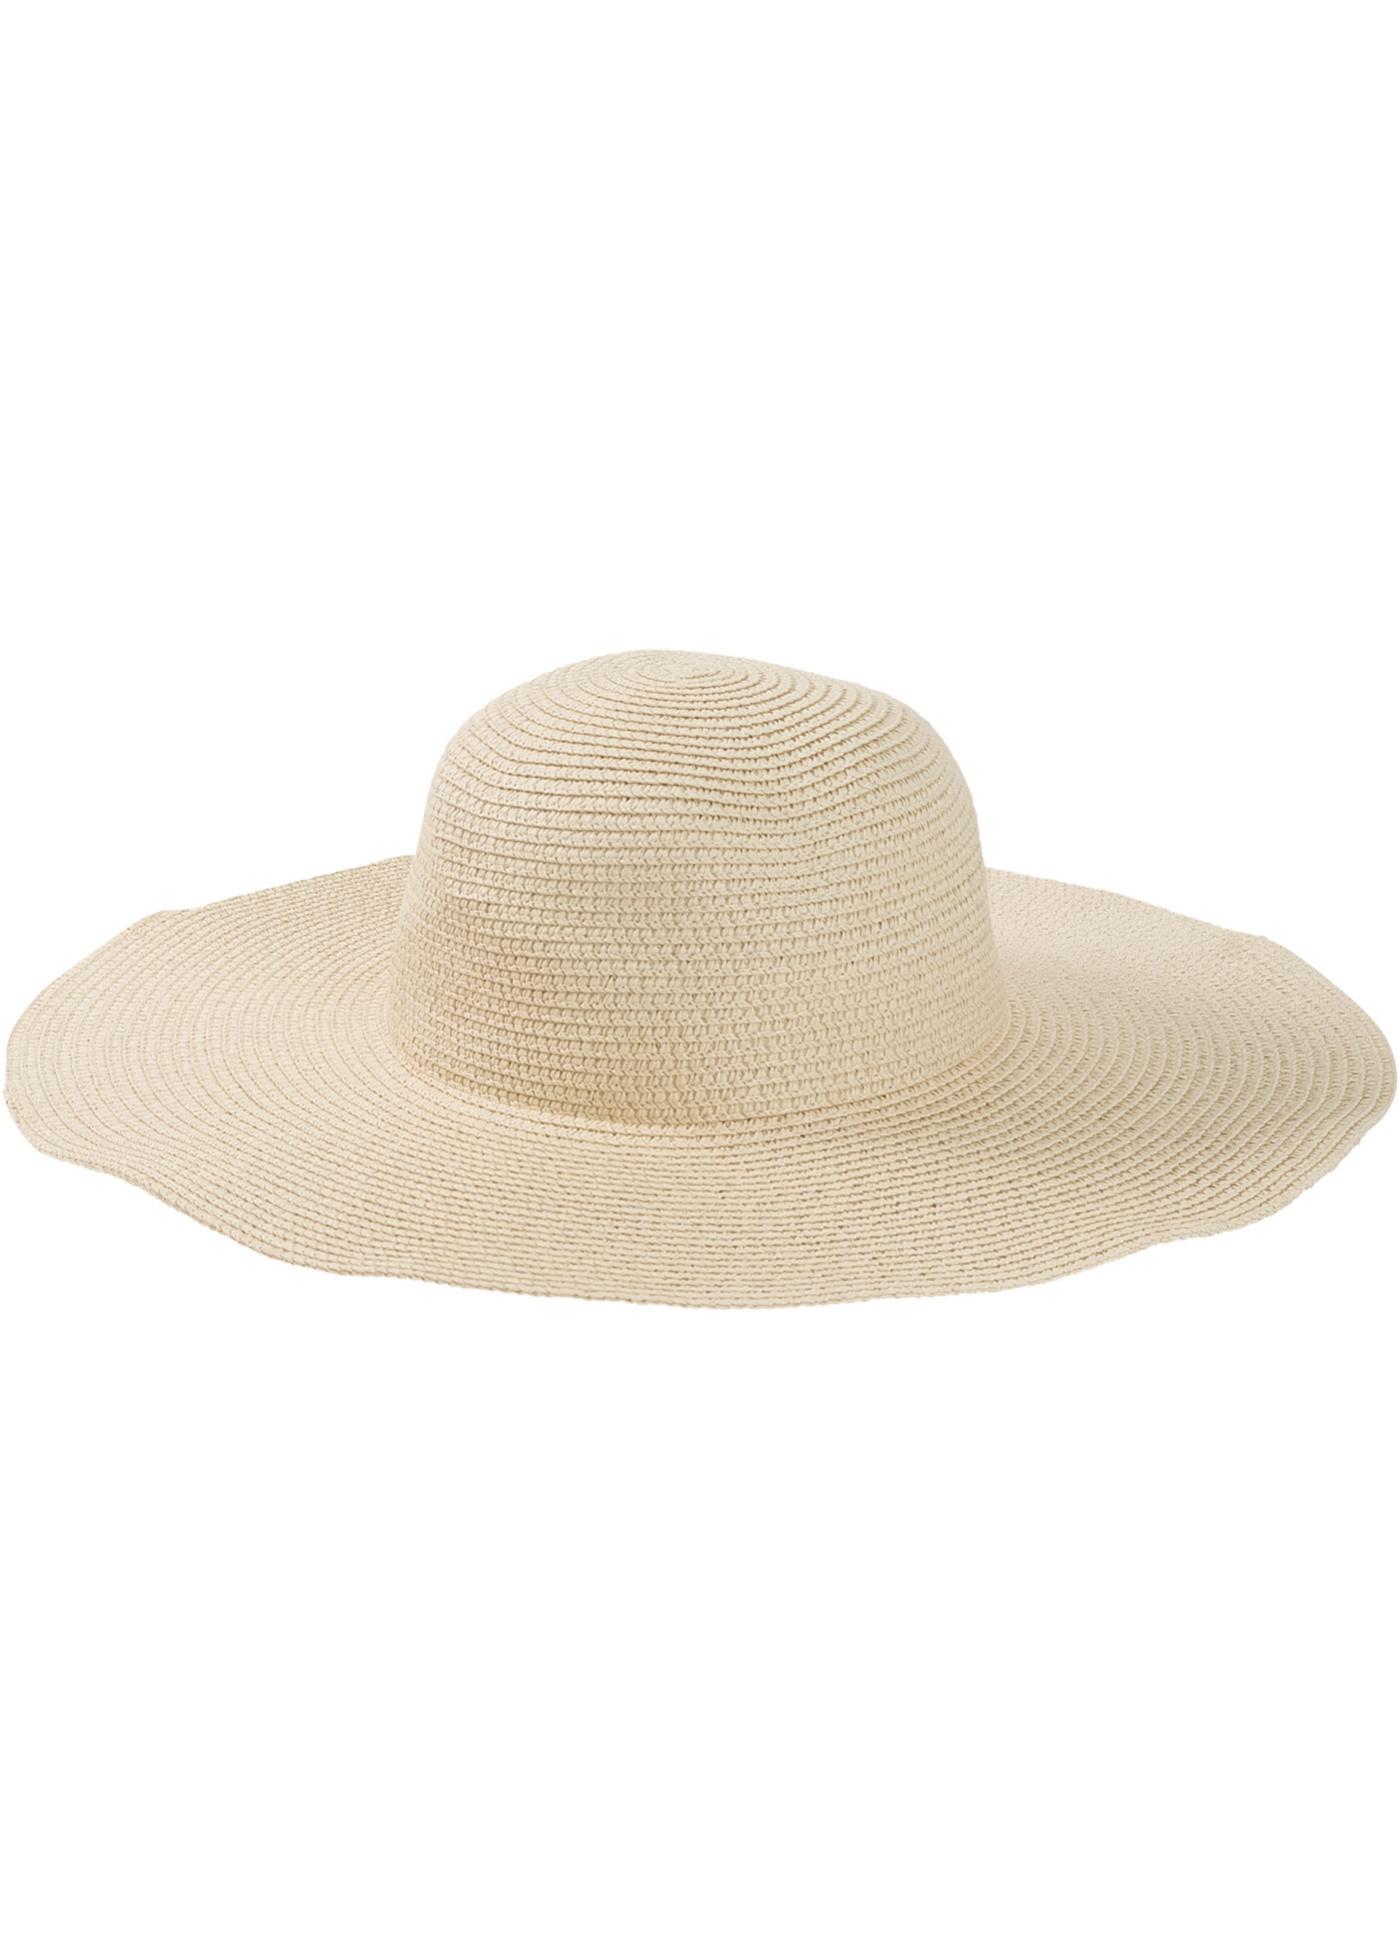 Letní klobouk - Béžová c08d54e5e9